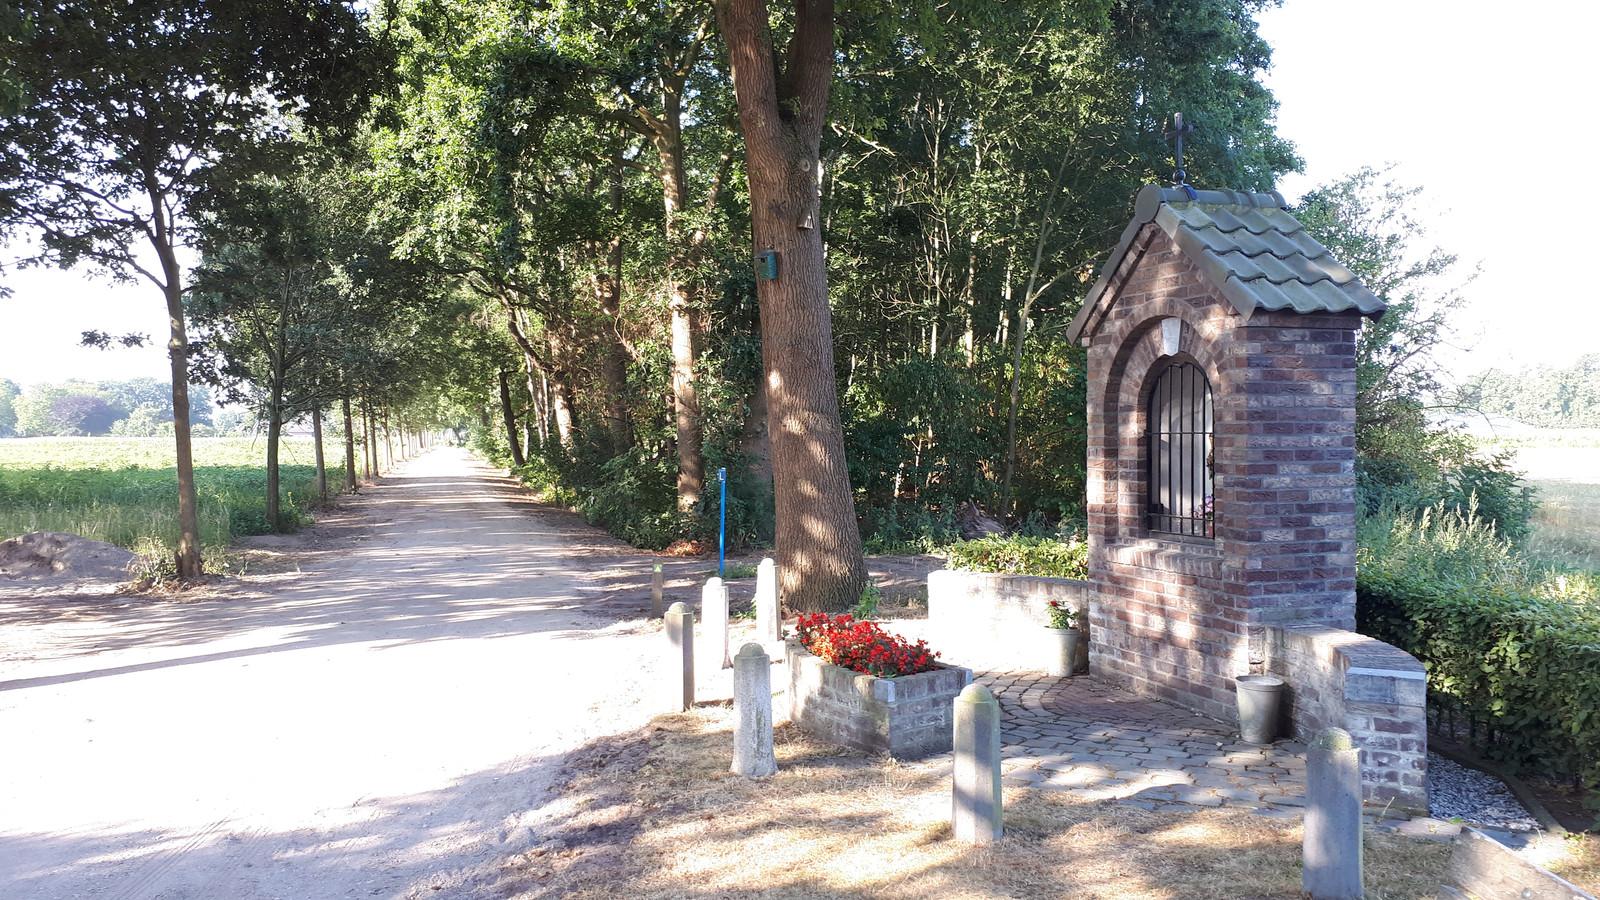 De Schrikkelvenstraat in Heesch, met rechts het Mariakapelletje.